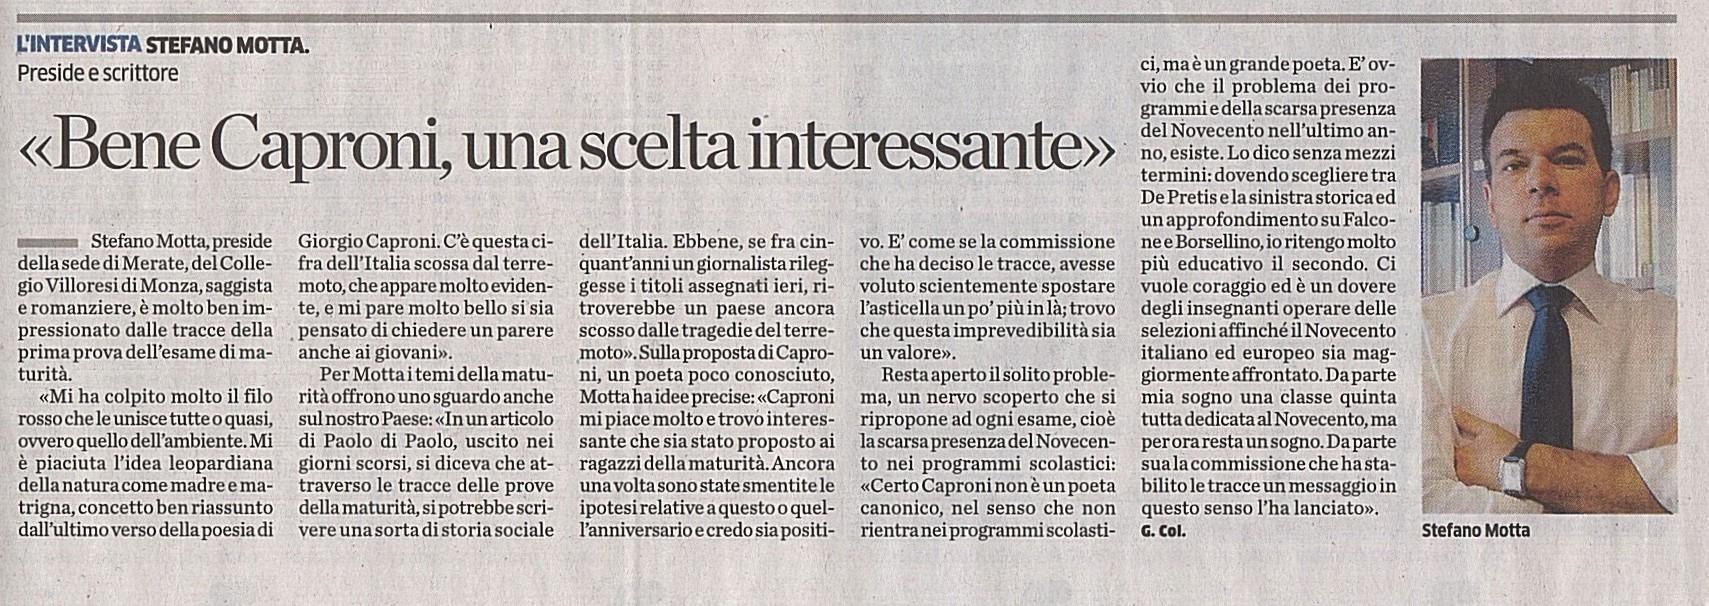 LaProvincia_22giugno17, p.12